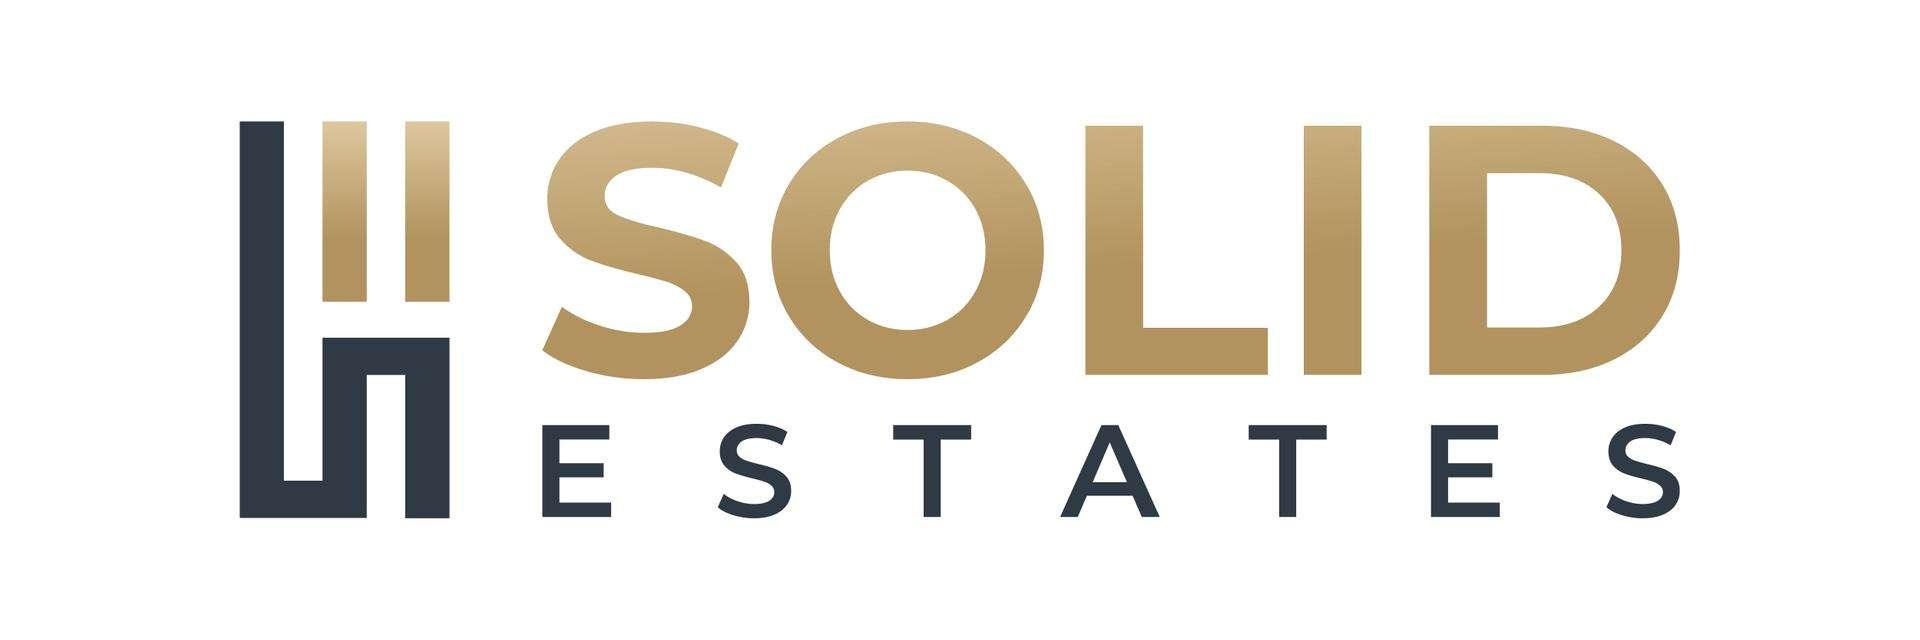 Makler SOLEST Immobilien GmbH logo